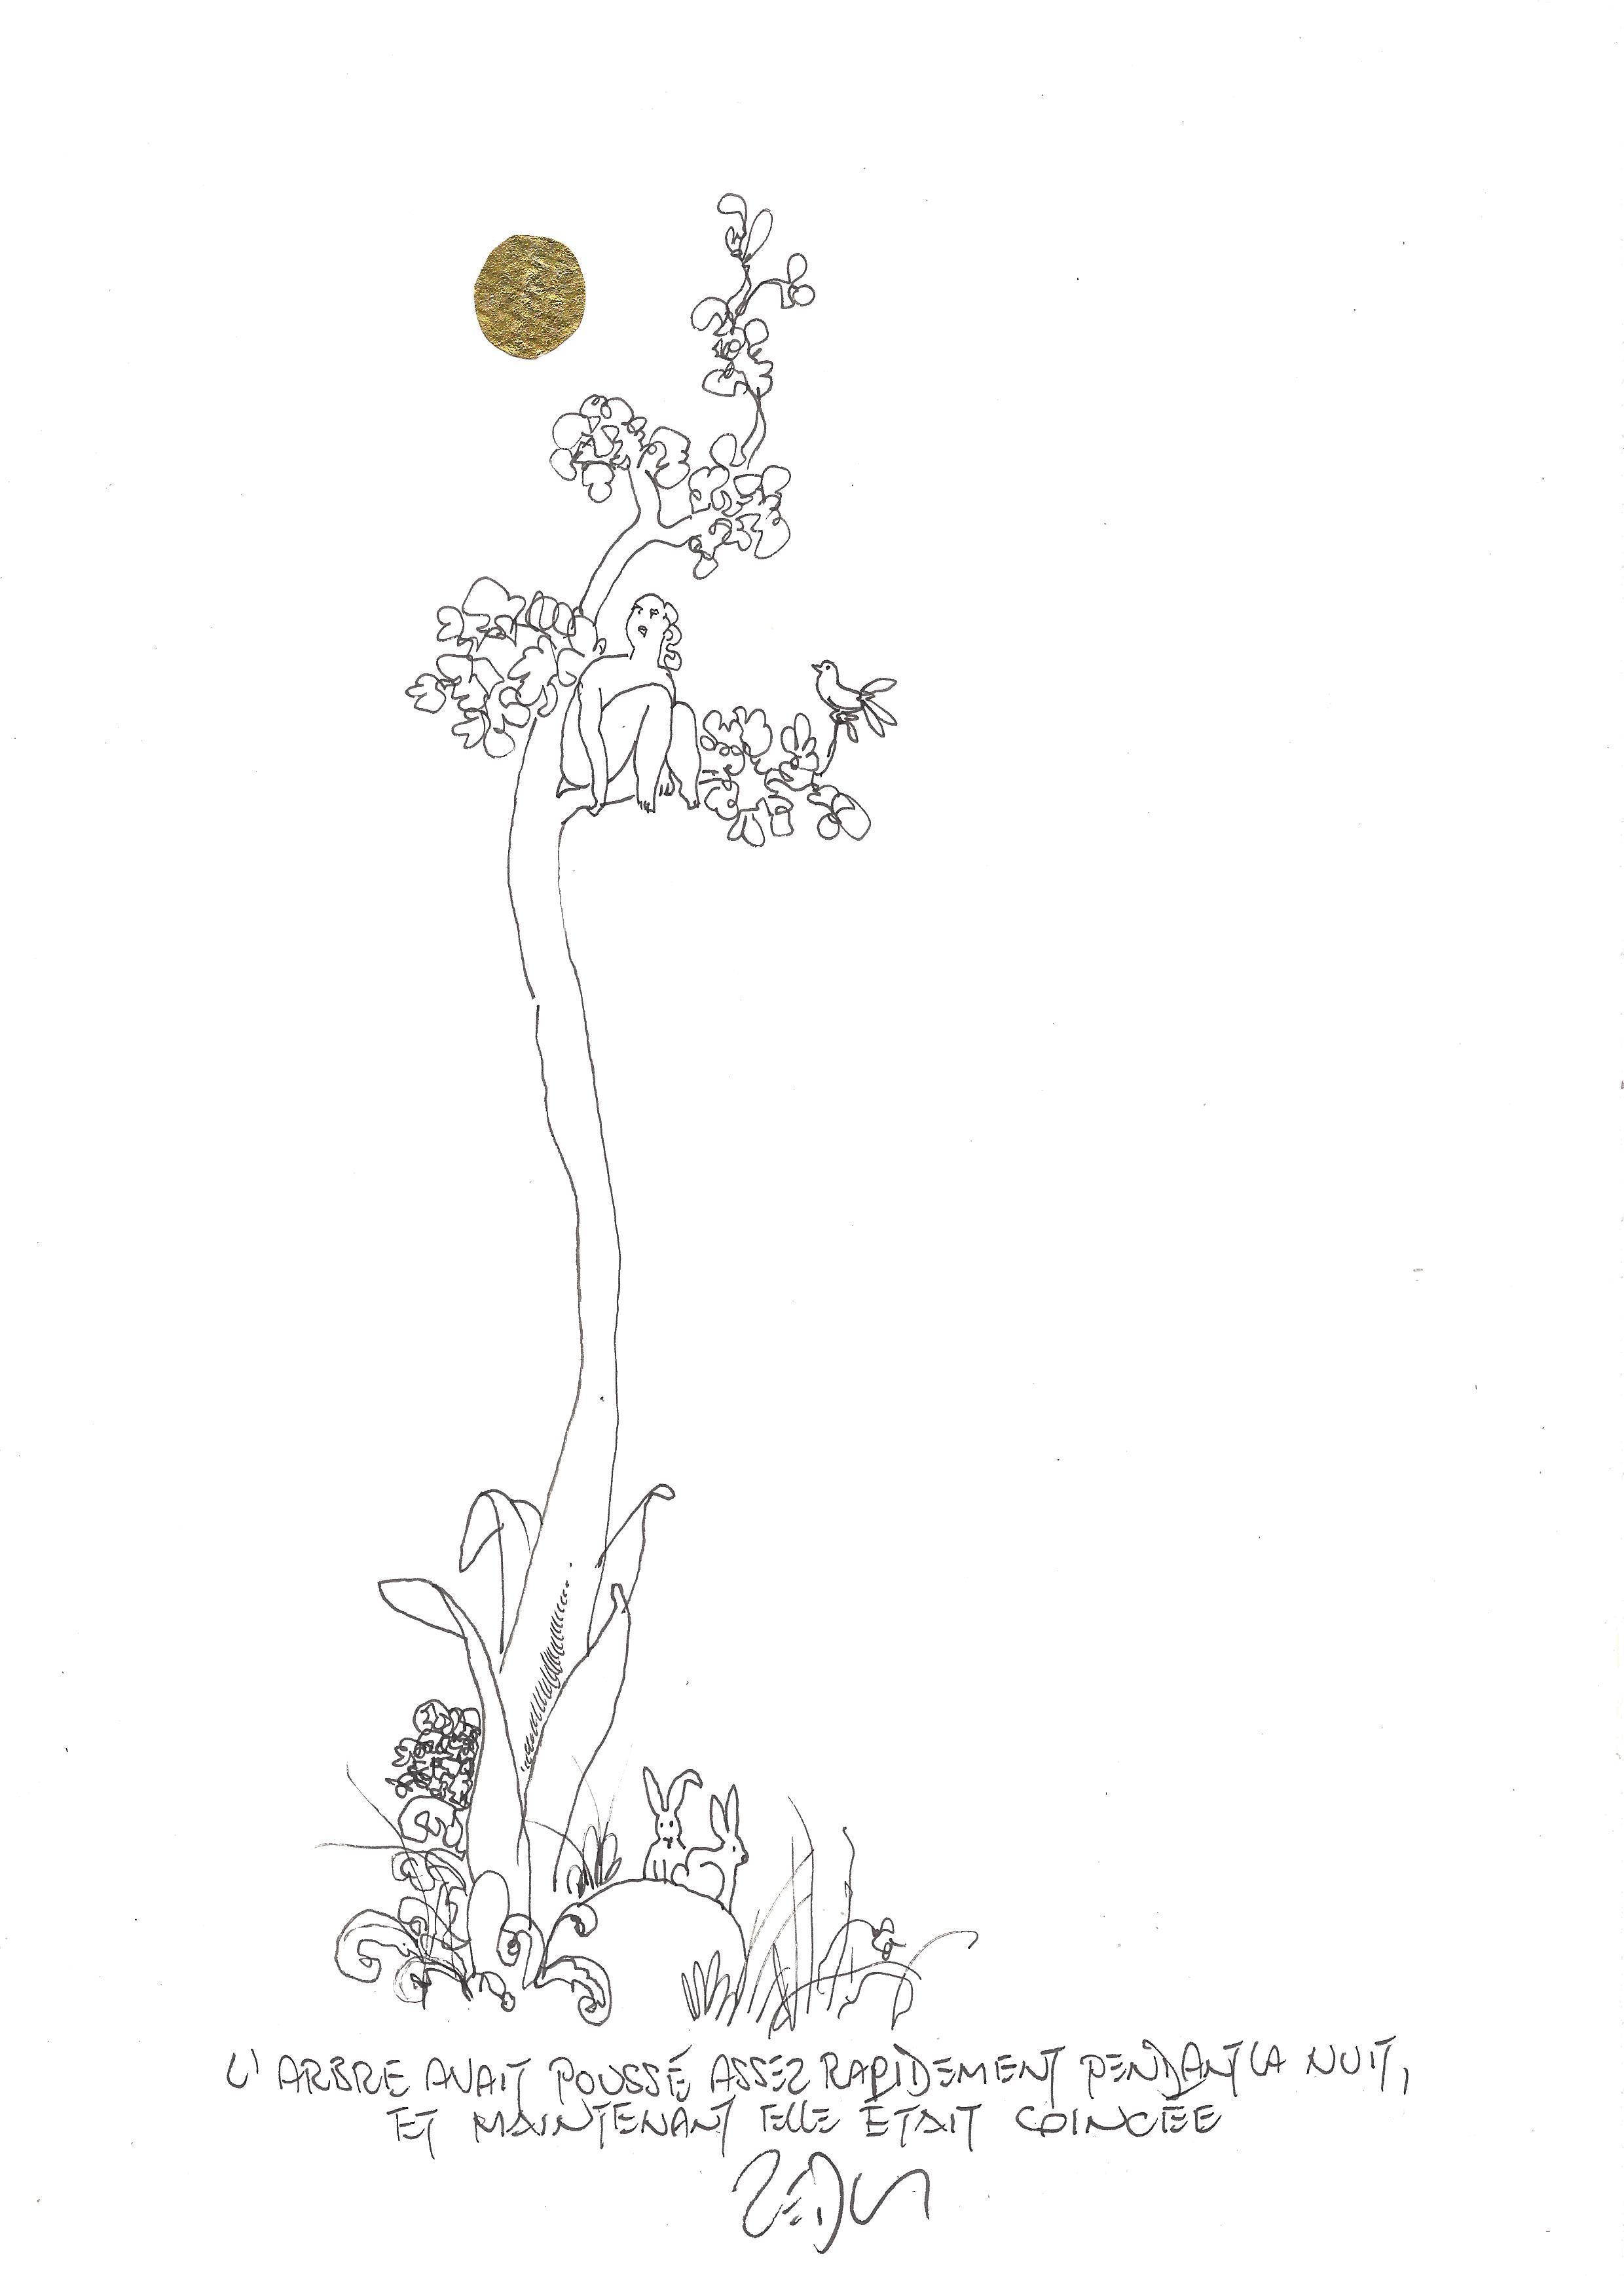 « The tree had grown rather rapidly overnight, and now she was stuck – L'arbre avait poussé assez rapidement pendant la nuit, et maintenant elle était coincée »